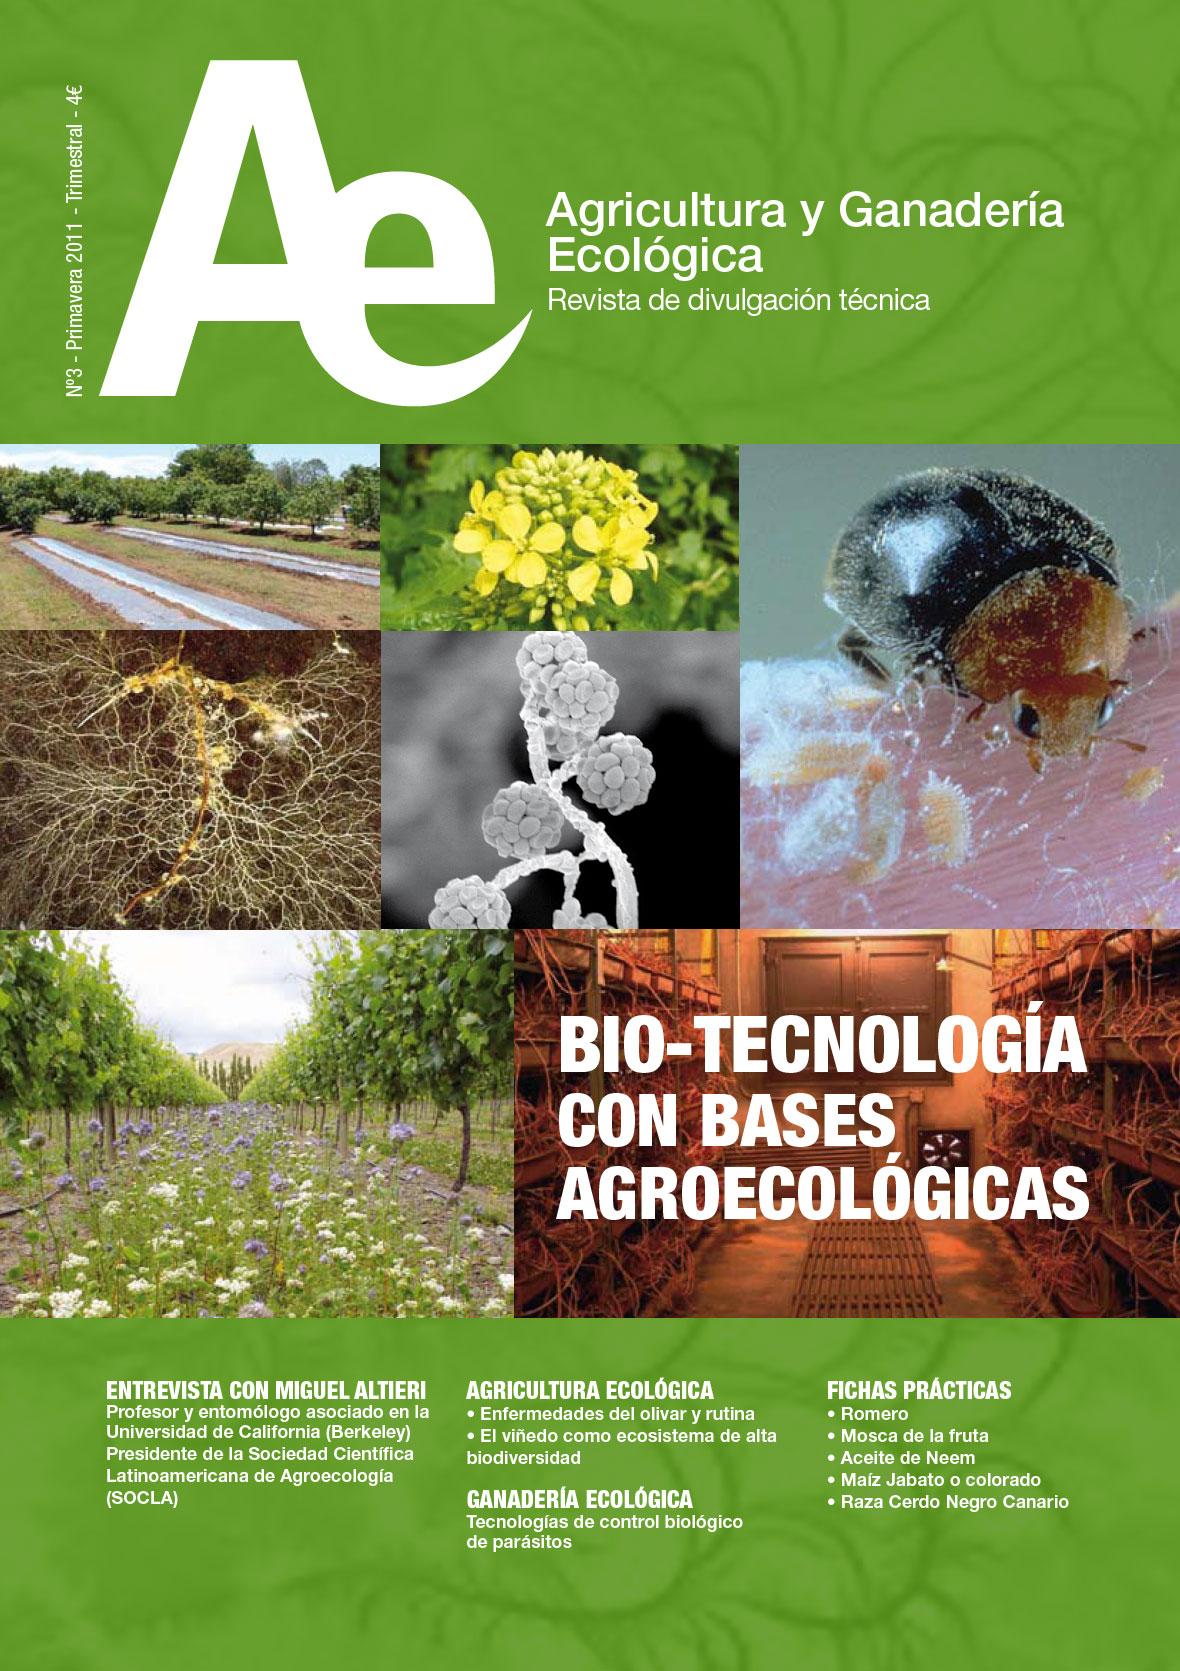 Cover of Tecnologías de control biológico de parásitos en ganadería ecológica